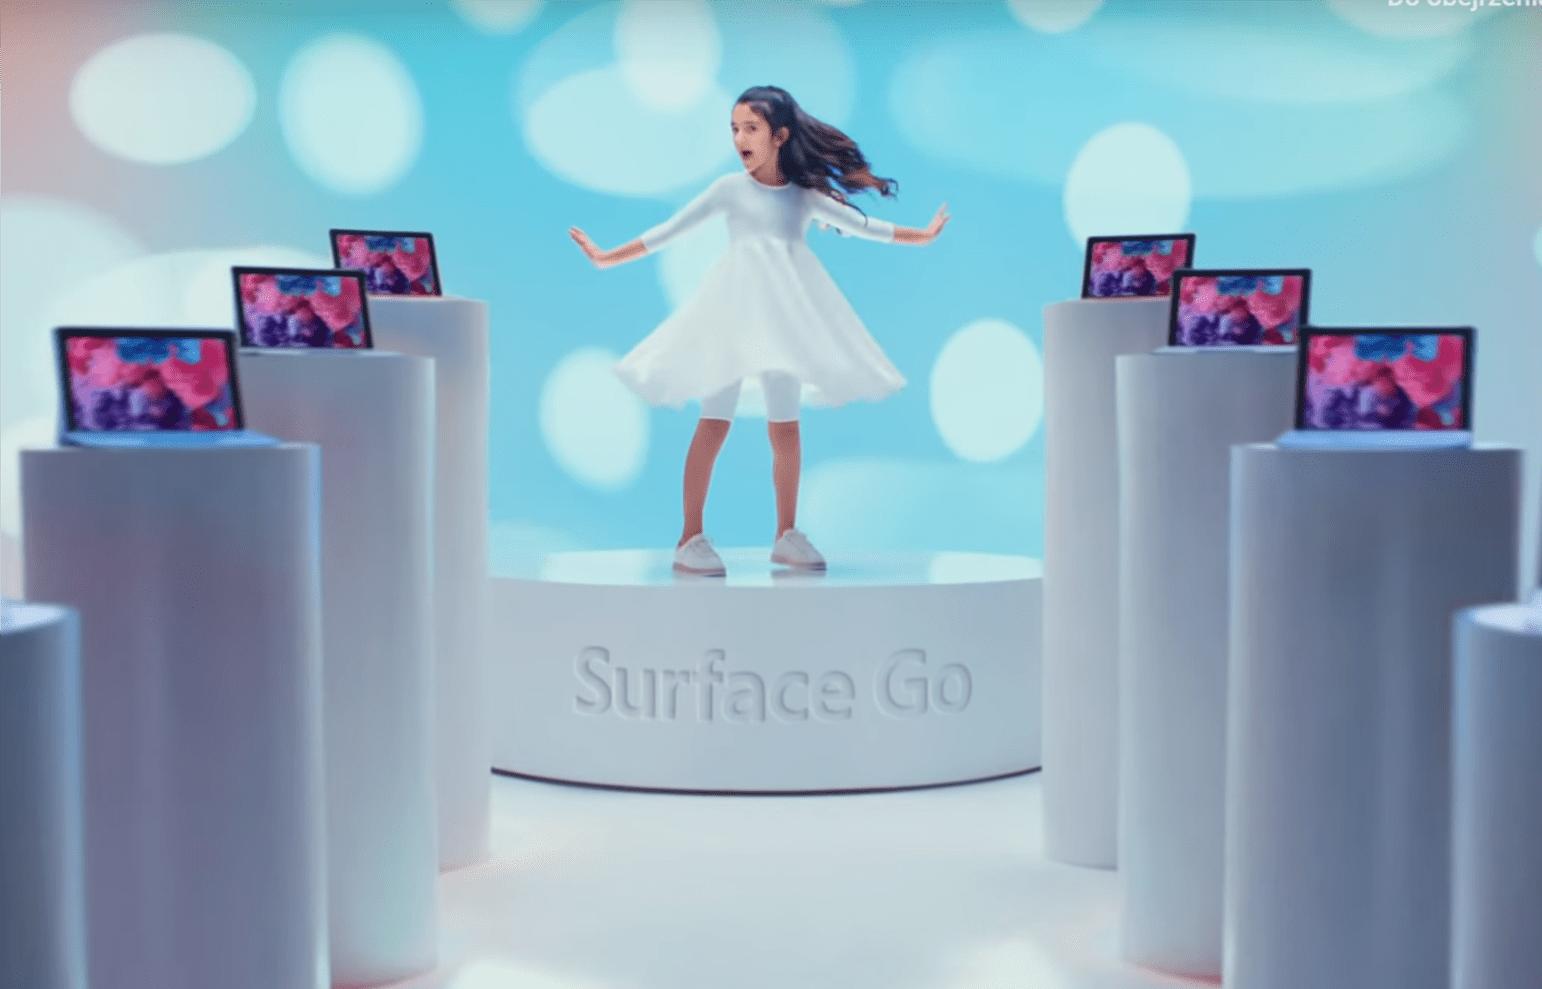 """Dla Microsoftu, iPad Pro nie jest """"prawdziwym"""" komputerem. Za to Surface Go już tak. Wyczuwacie tę ironię? 17"""